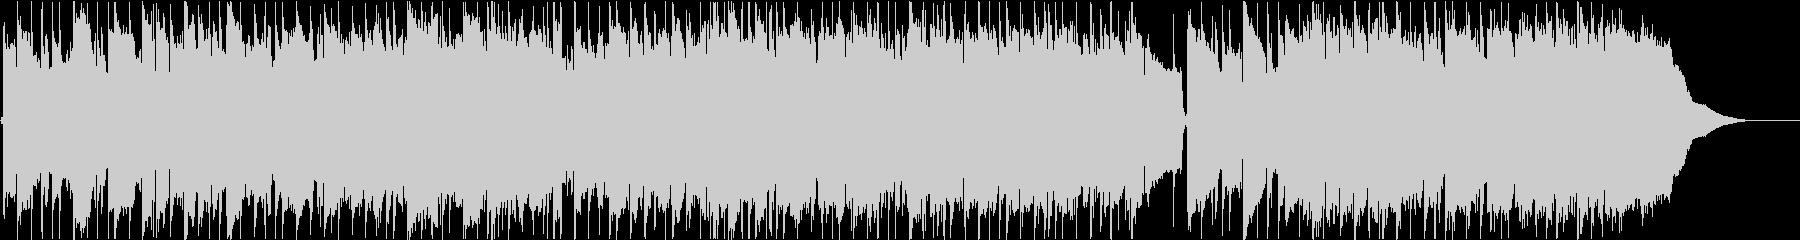 ベートーヴェン「悲愴」バンドアレンジの未再生の波形